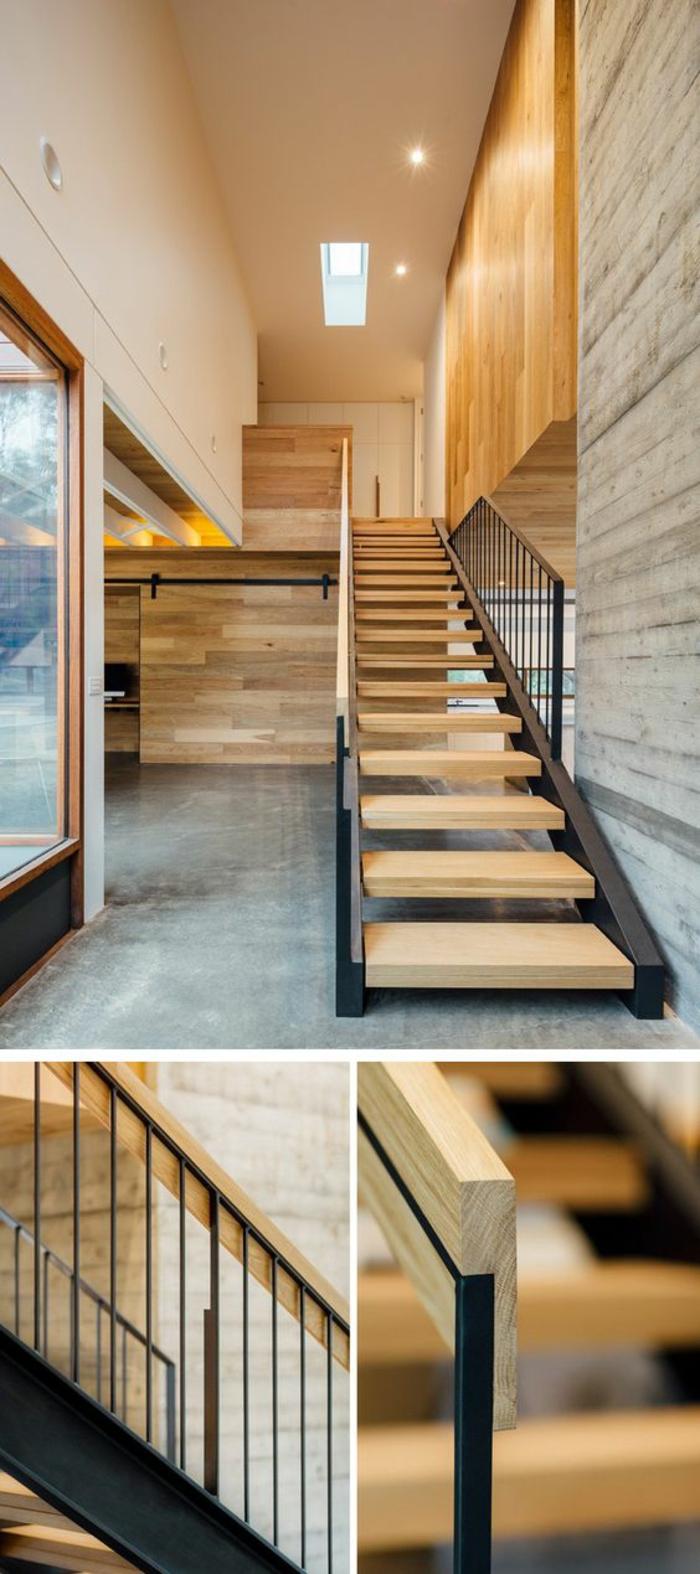 Décoration Marche Escalier Intérieur ▷ 1001+ idées pour un escalier design + les intérieurs